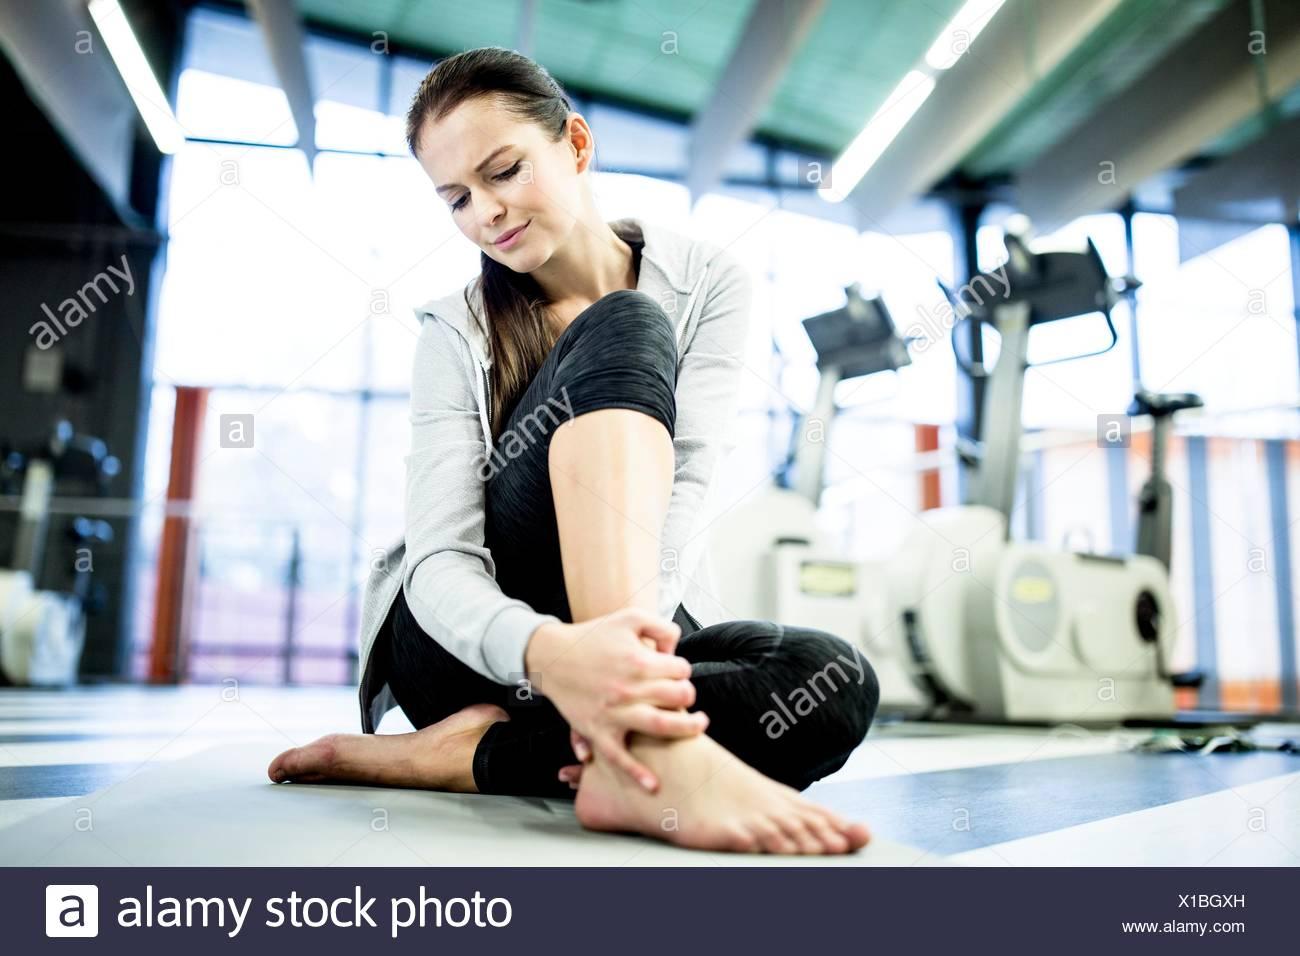 Parution de la propriété. Parution du modèle. Jeune femme masser tout en ayant la cheville cheville douleur dans la salle de sport. Photo Stock